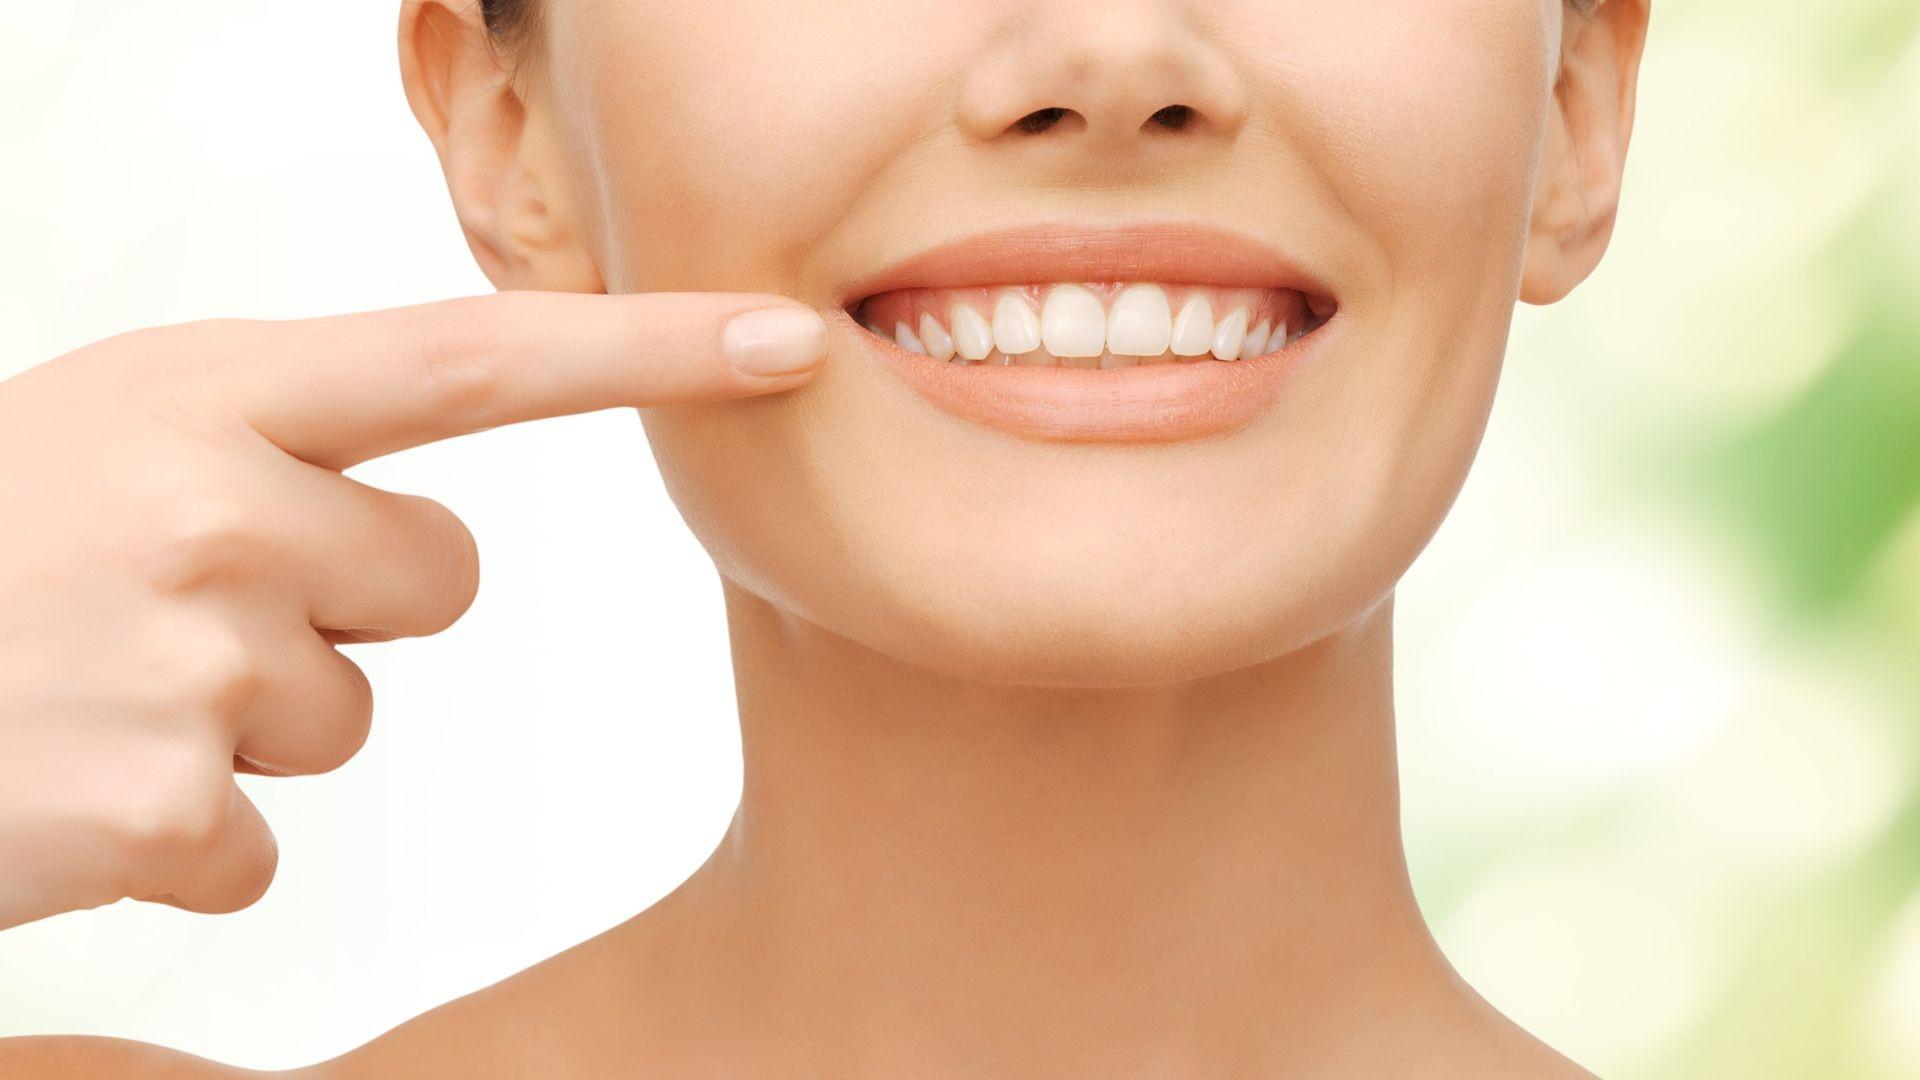 Estética dental en Móstoles y Valmojado